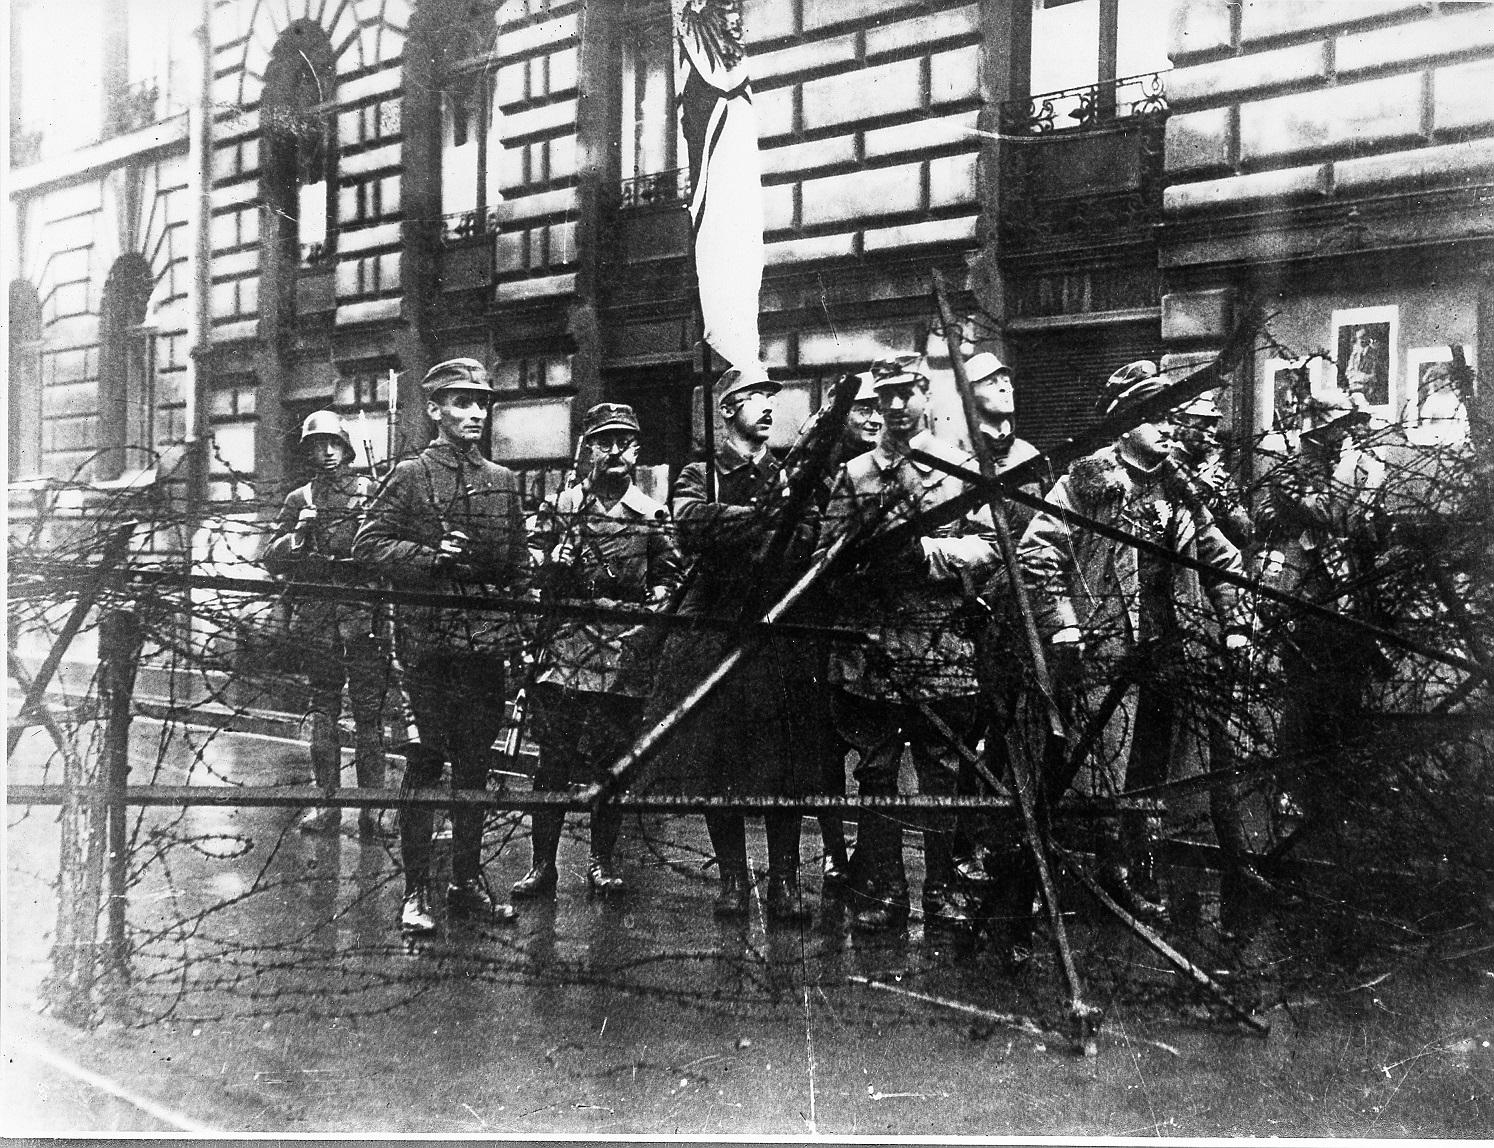 Nationalsozialisten unter ihnen Heinrich Himmler, hinter einer Straßenbarrikade in München.